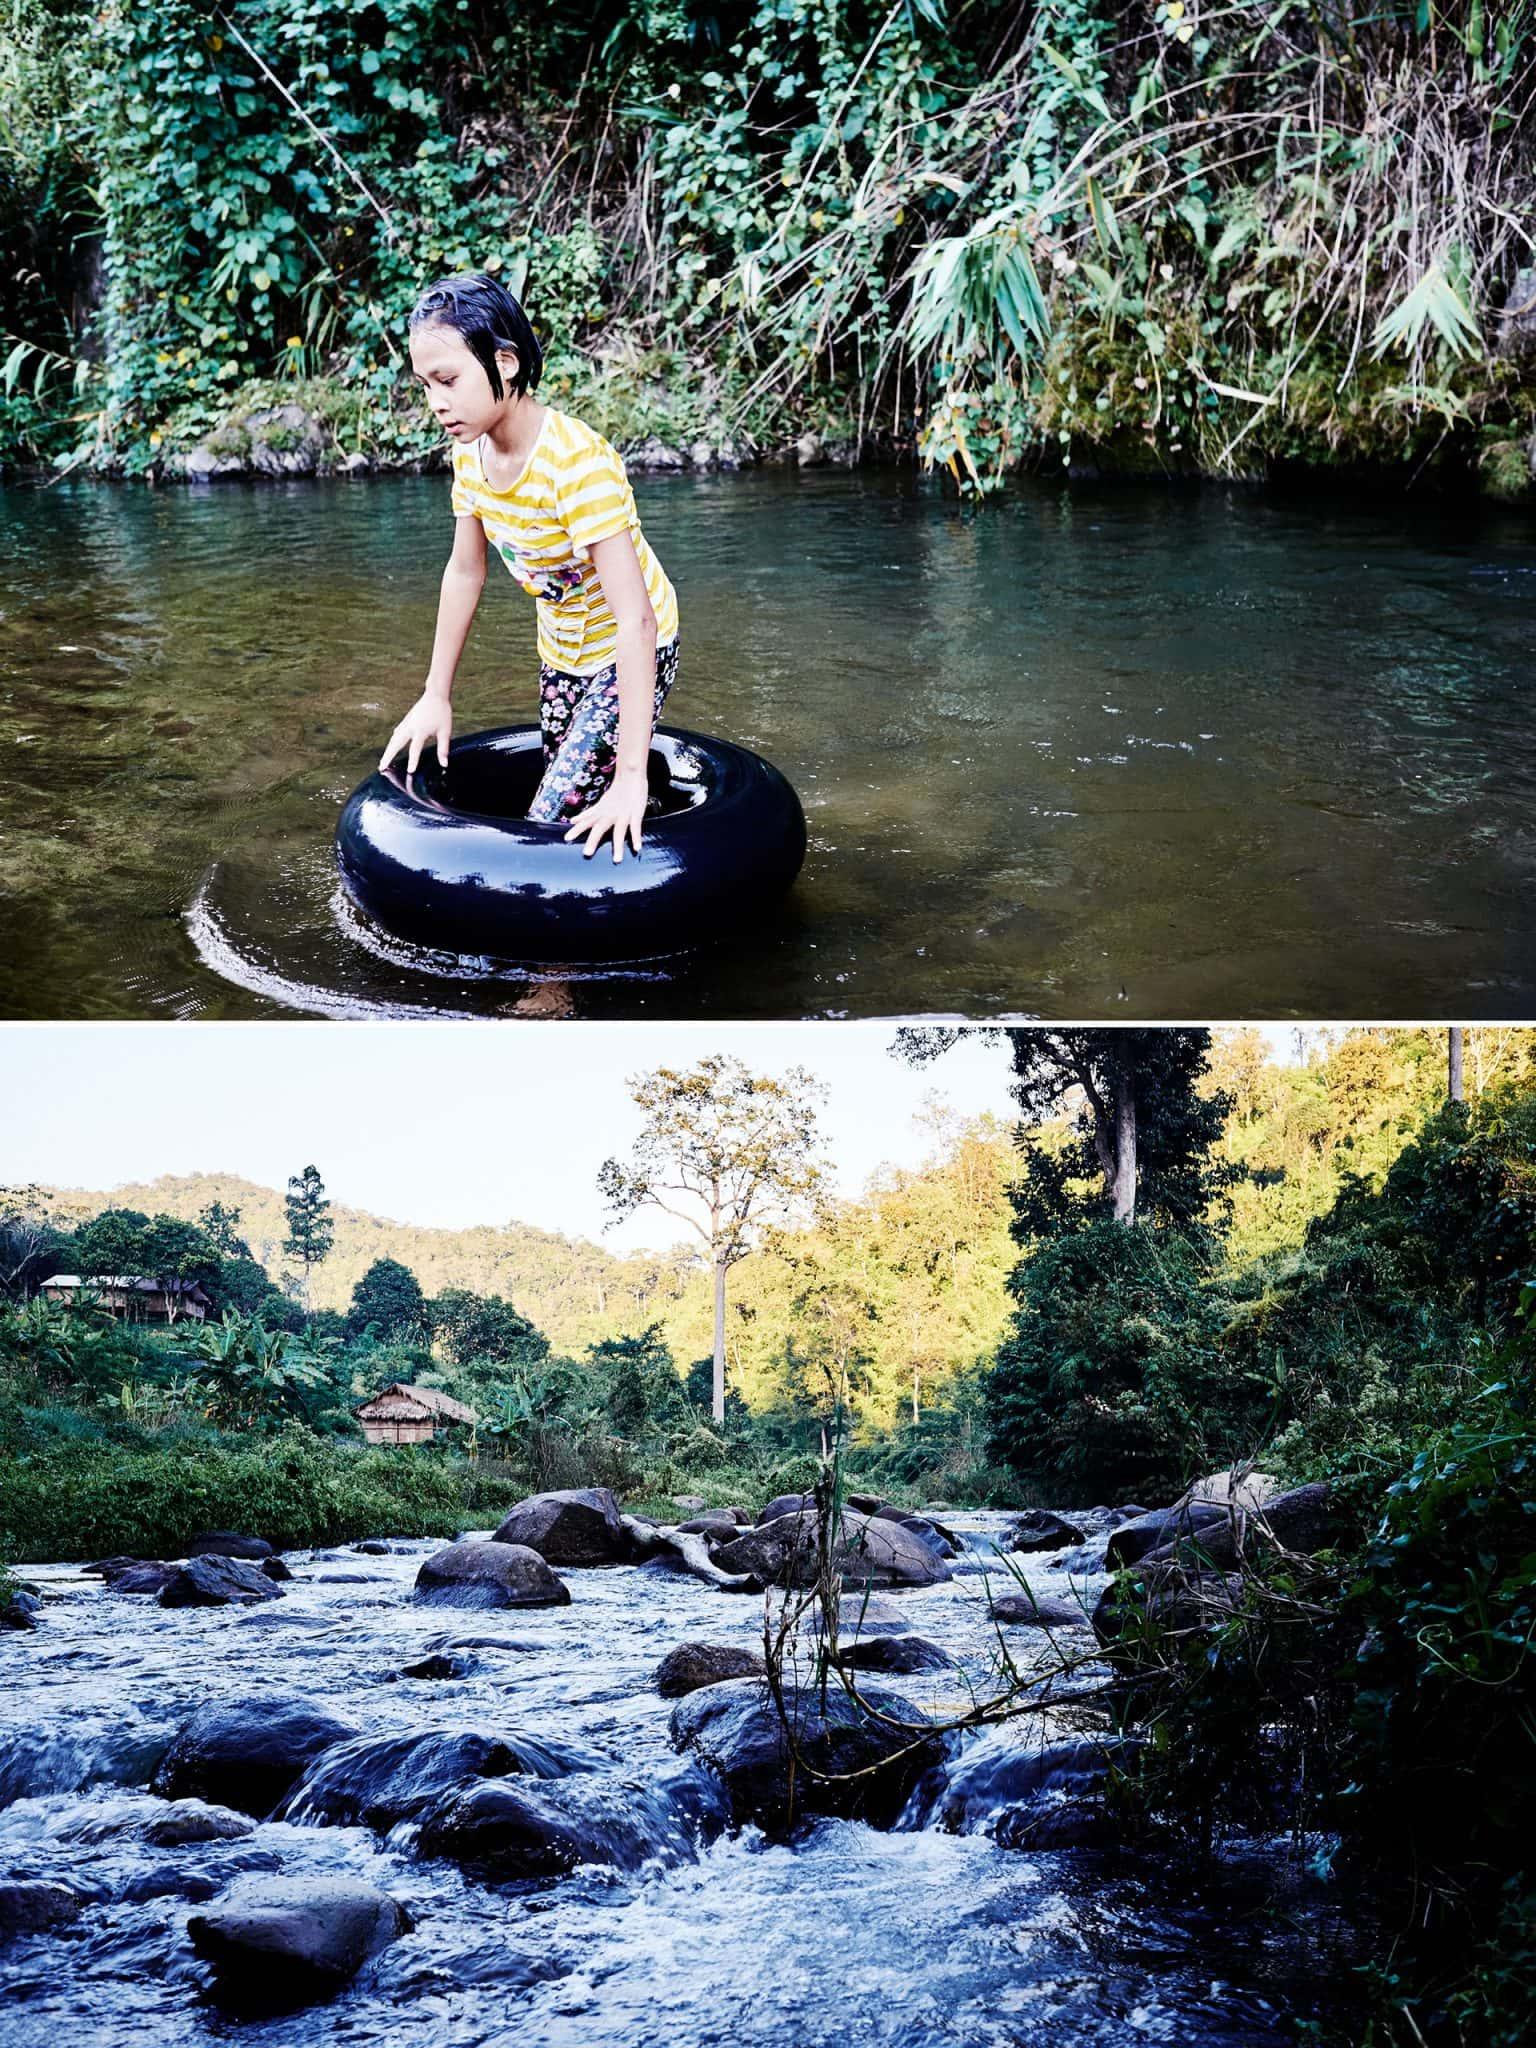 Klaus Gruber, als Traveller mit der Fuji X-T1 in Nordthailand